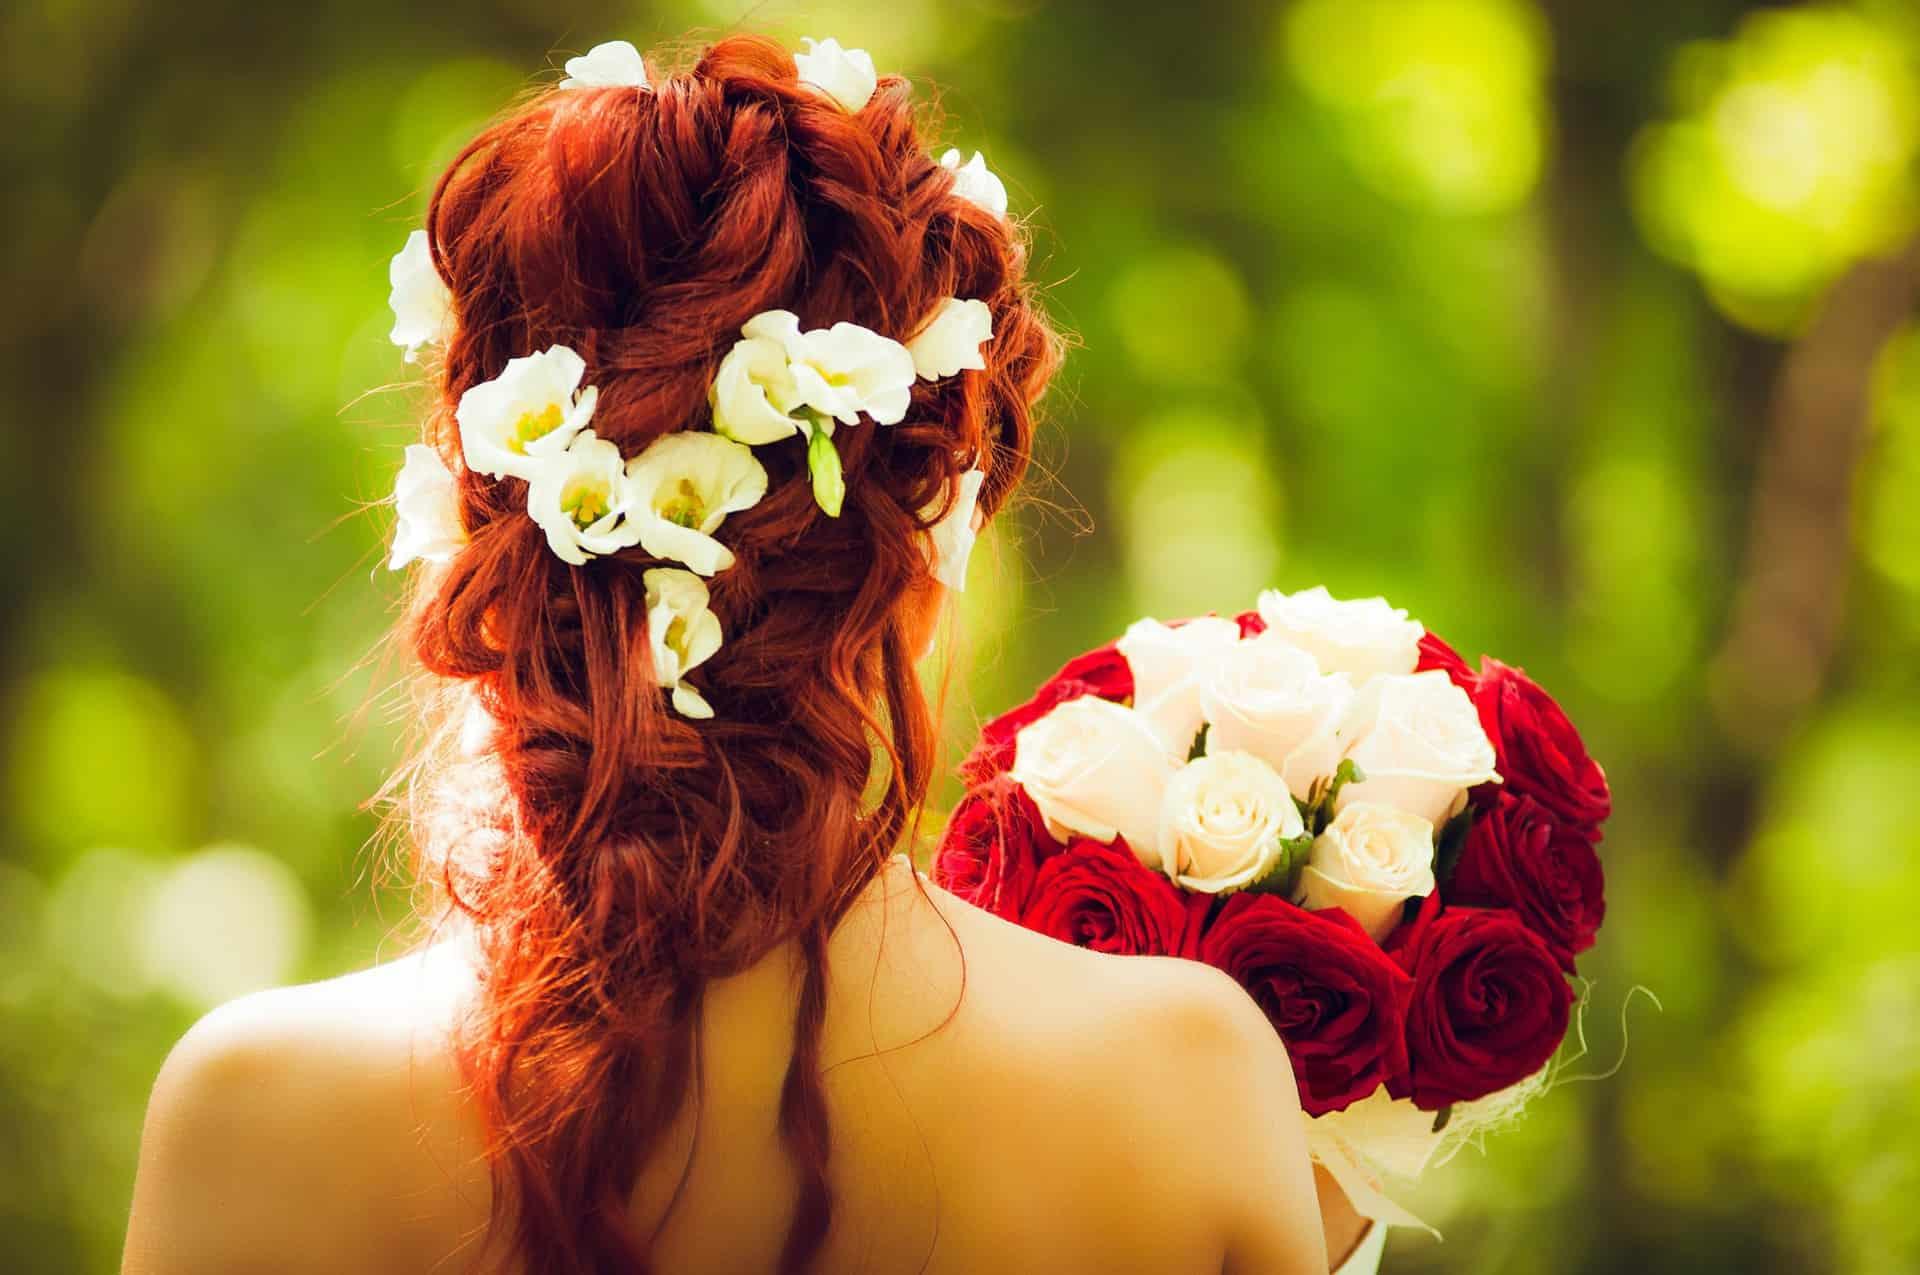 A Bologna la sposa risulta positiva dopo il matrimonio: 31 invitati in quarantena